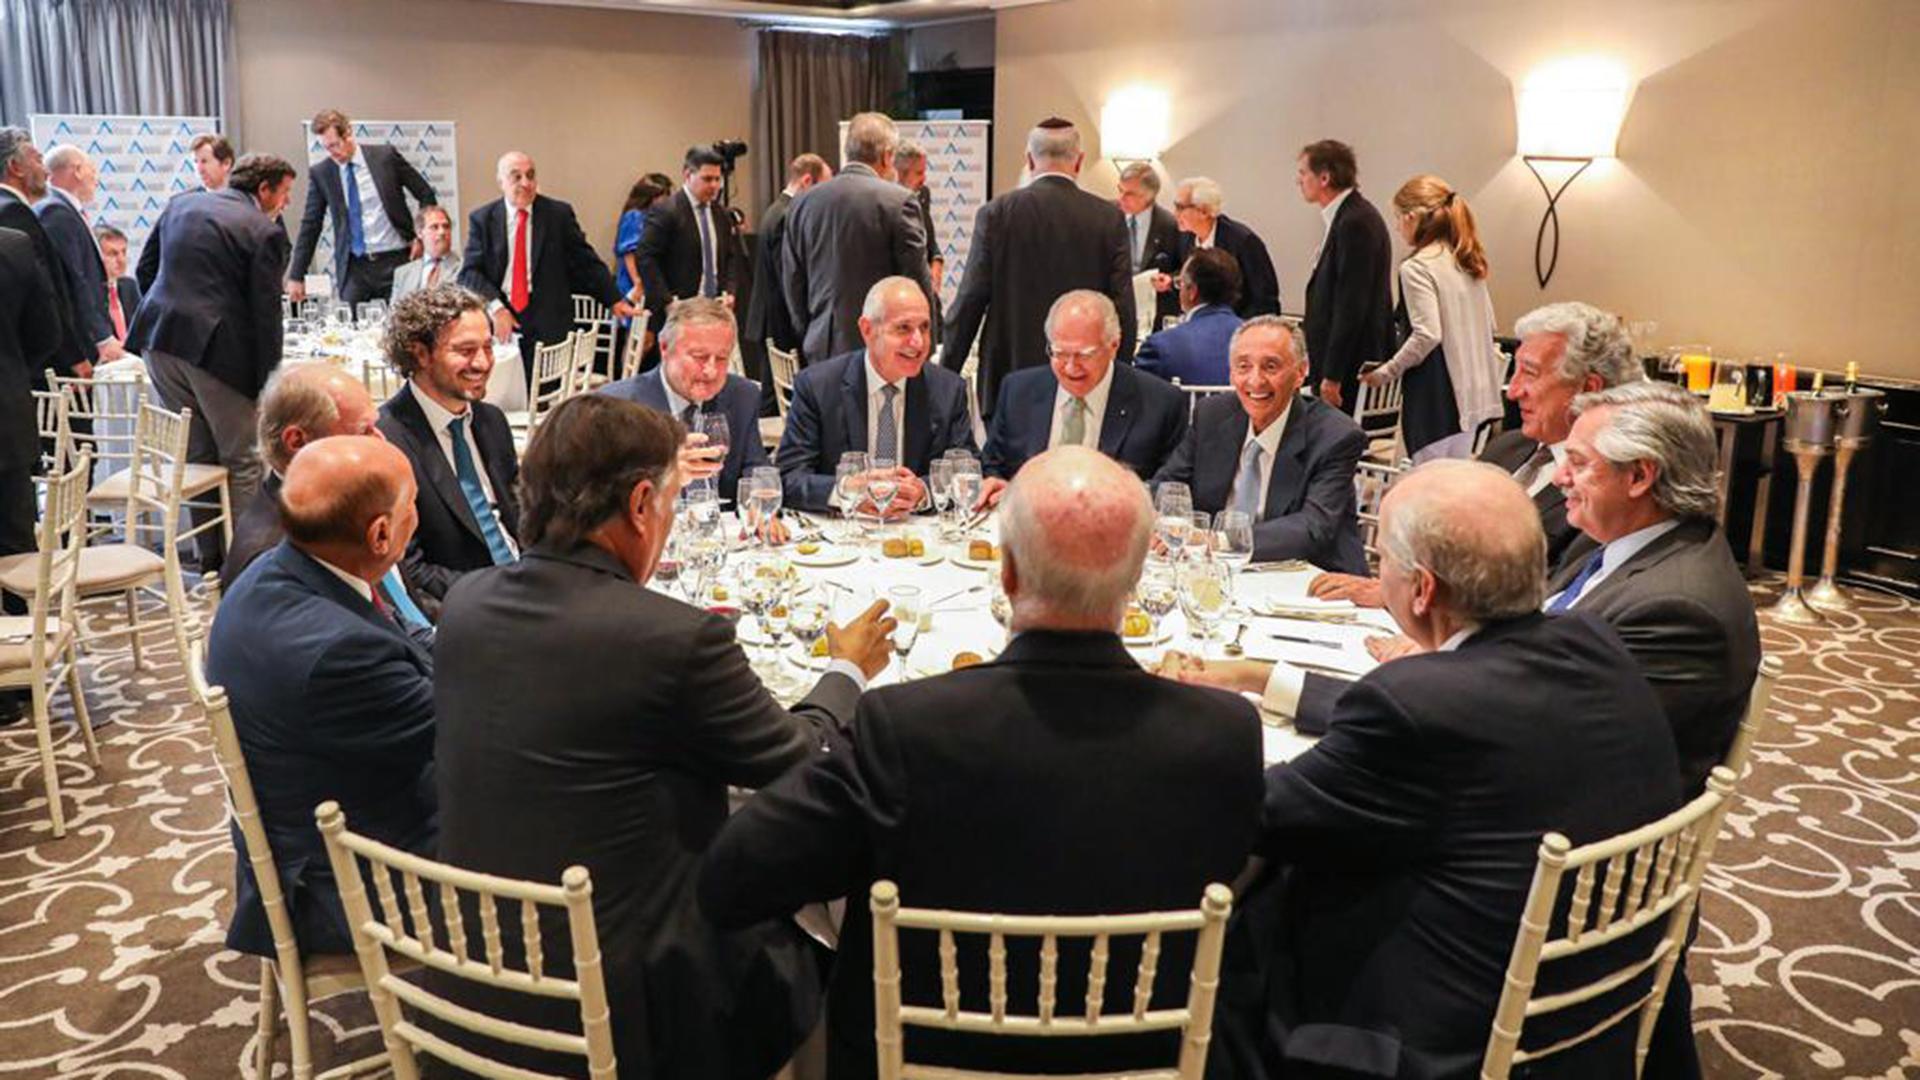 El Presidente y el jefe de Gabinete, Santiago Cafiero, en el almuerzo con los líderes empresariales